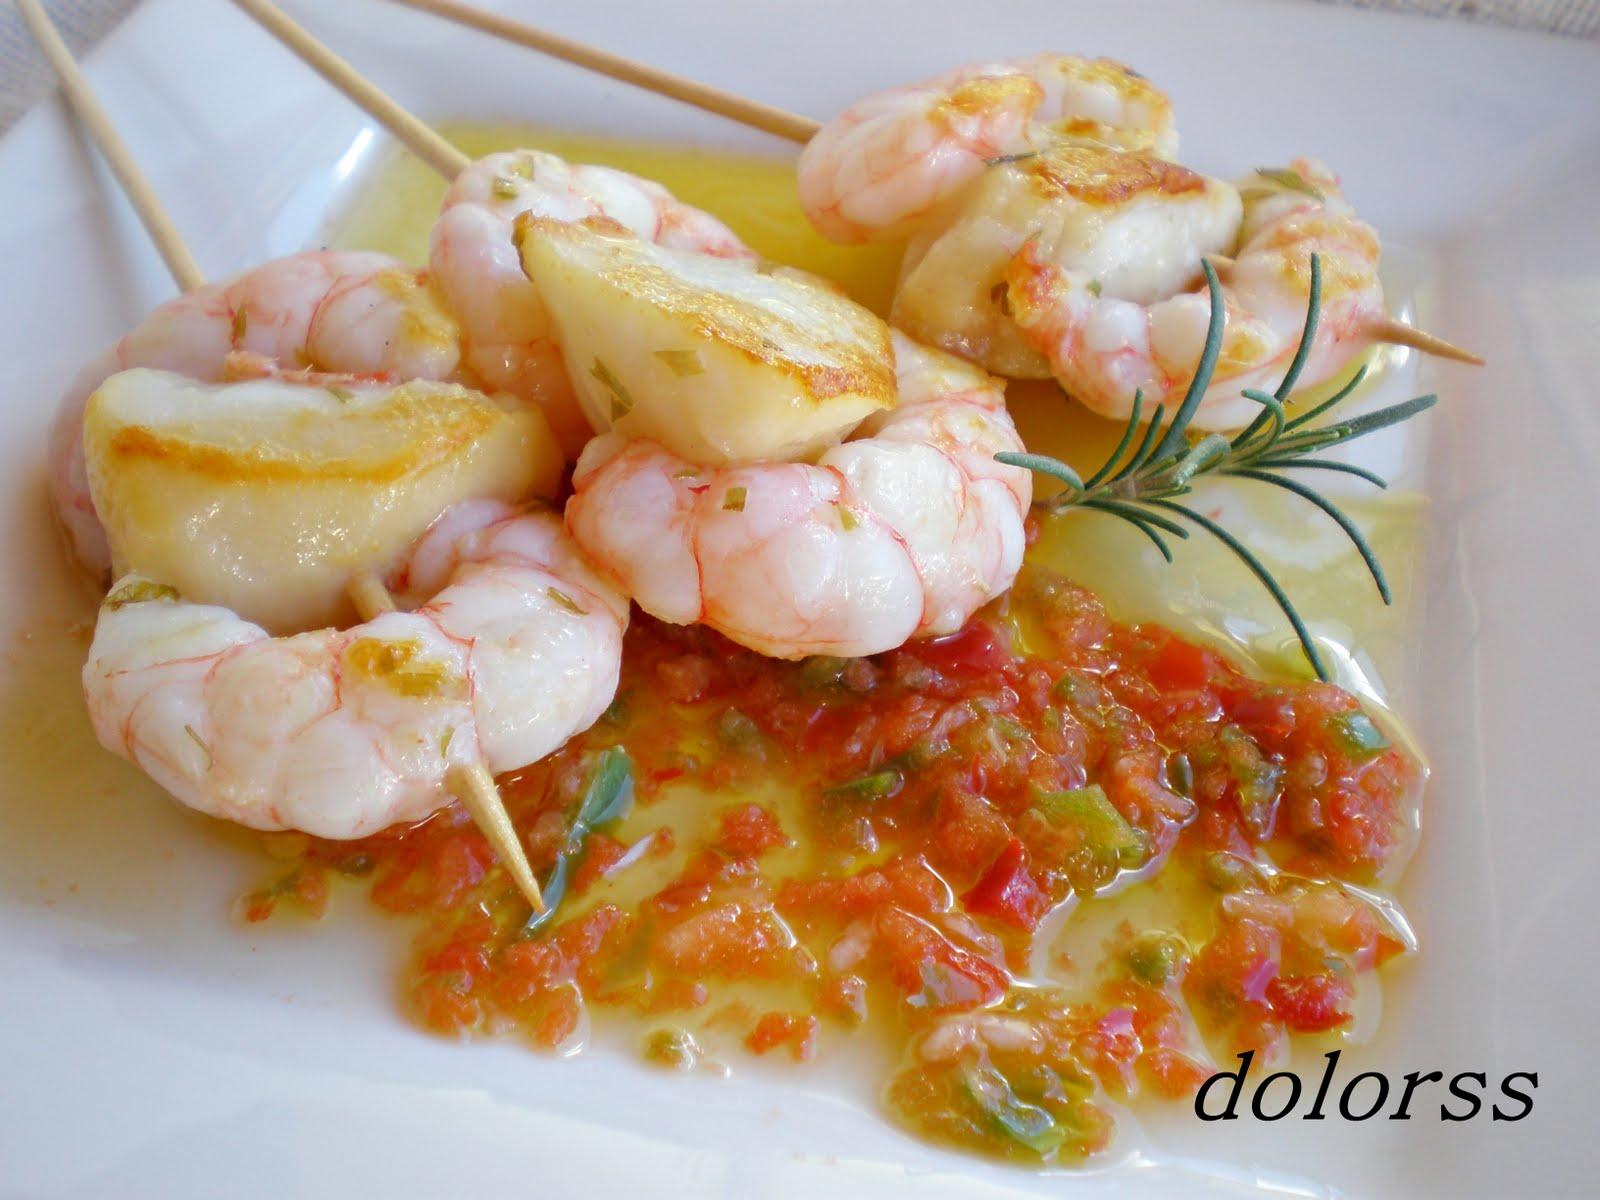 Blog de cuina de la dolorss pinchos de gambas y vieira al - Brocheta de langostinos y bacon ...